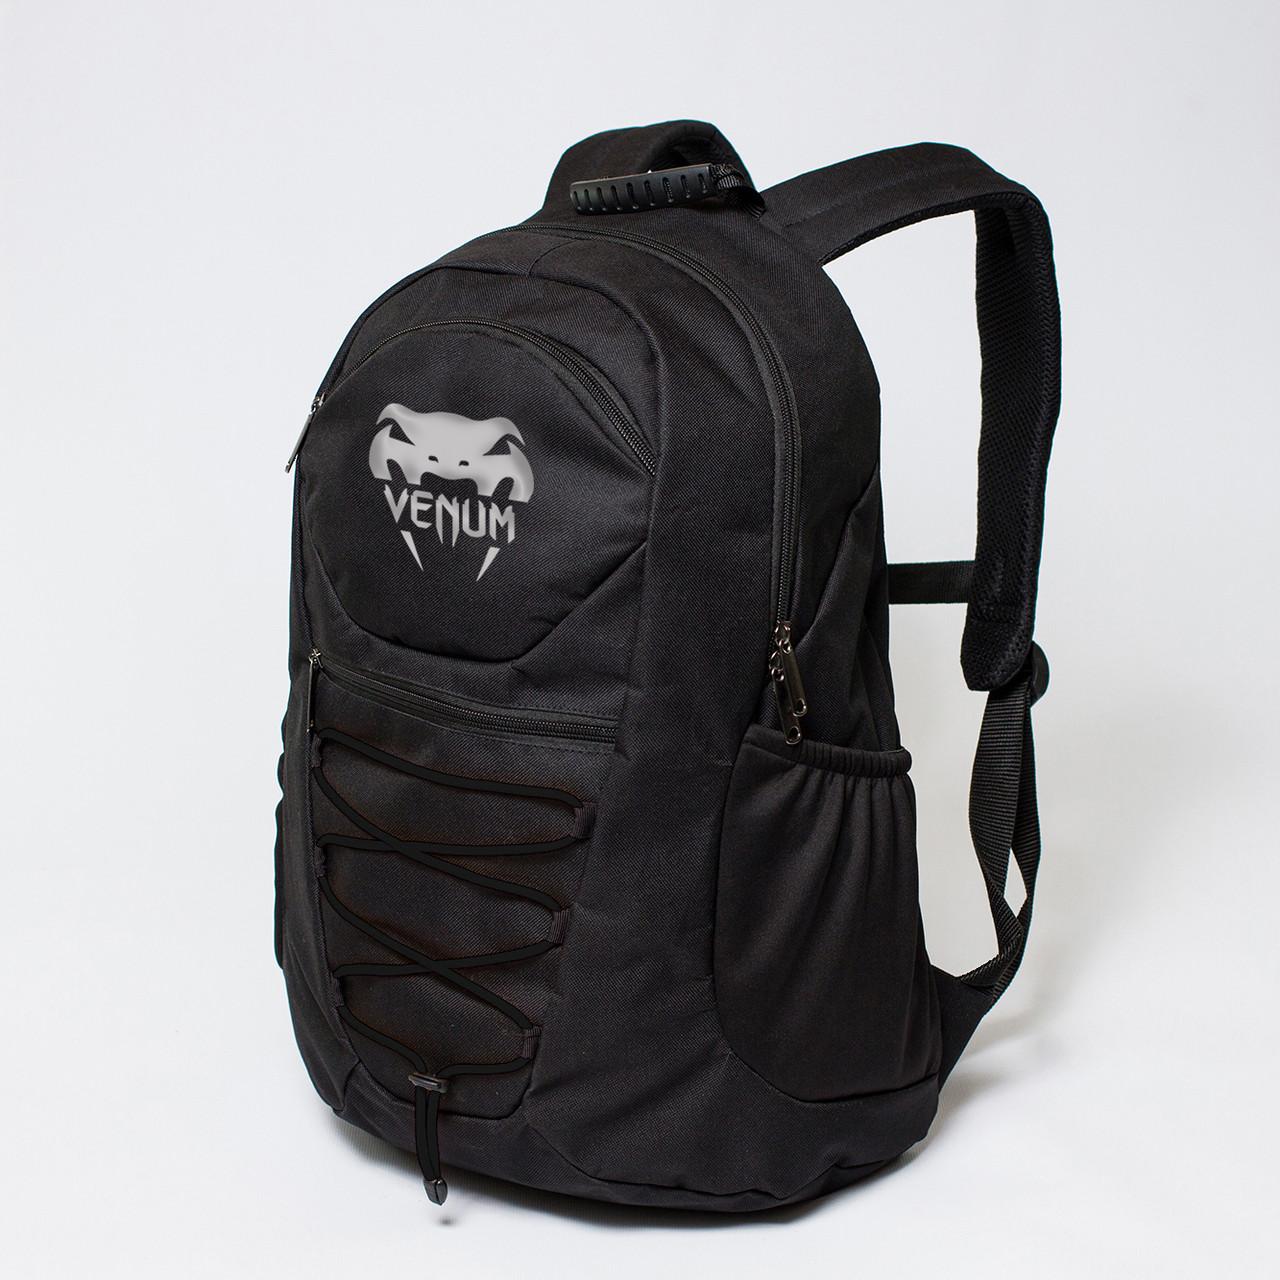 Спортивный рюкзак Venum для формы и экипировки (реплика)